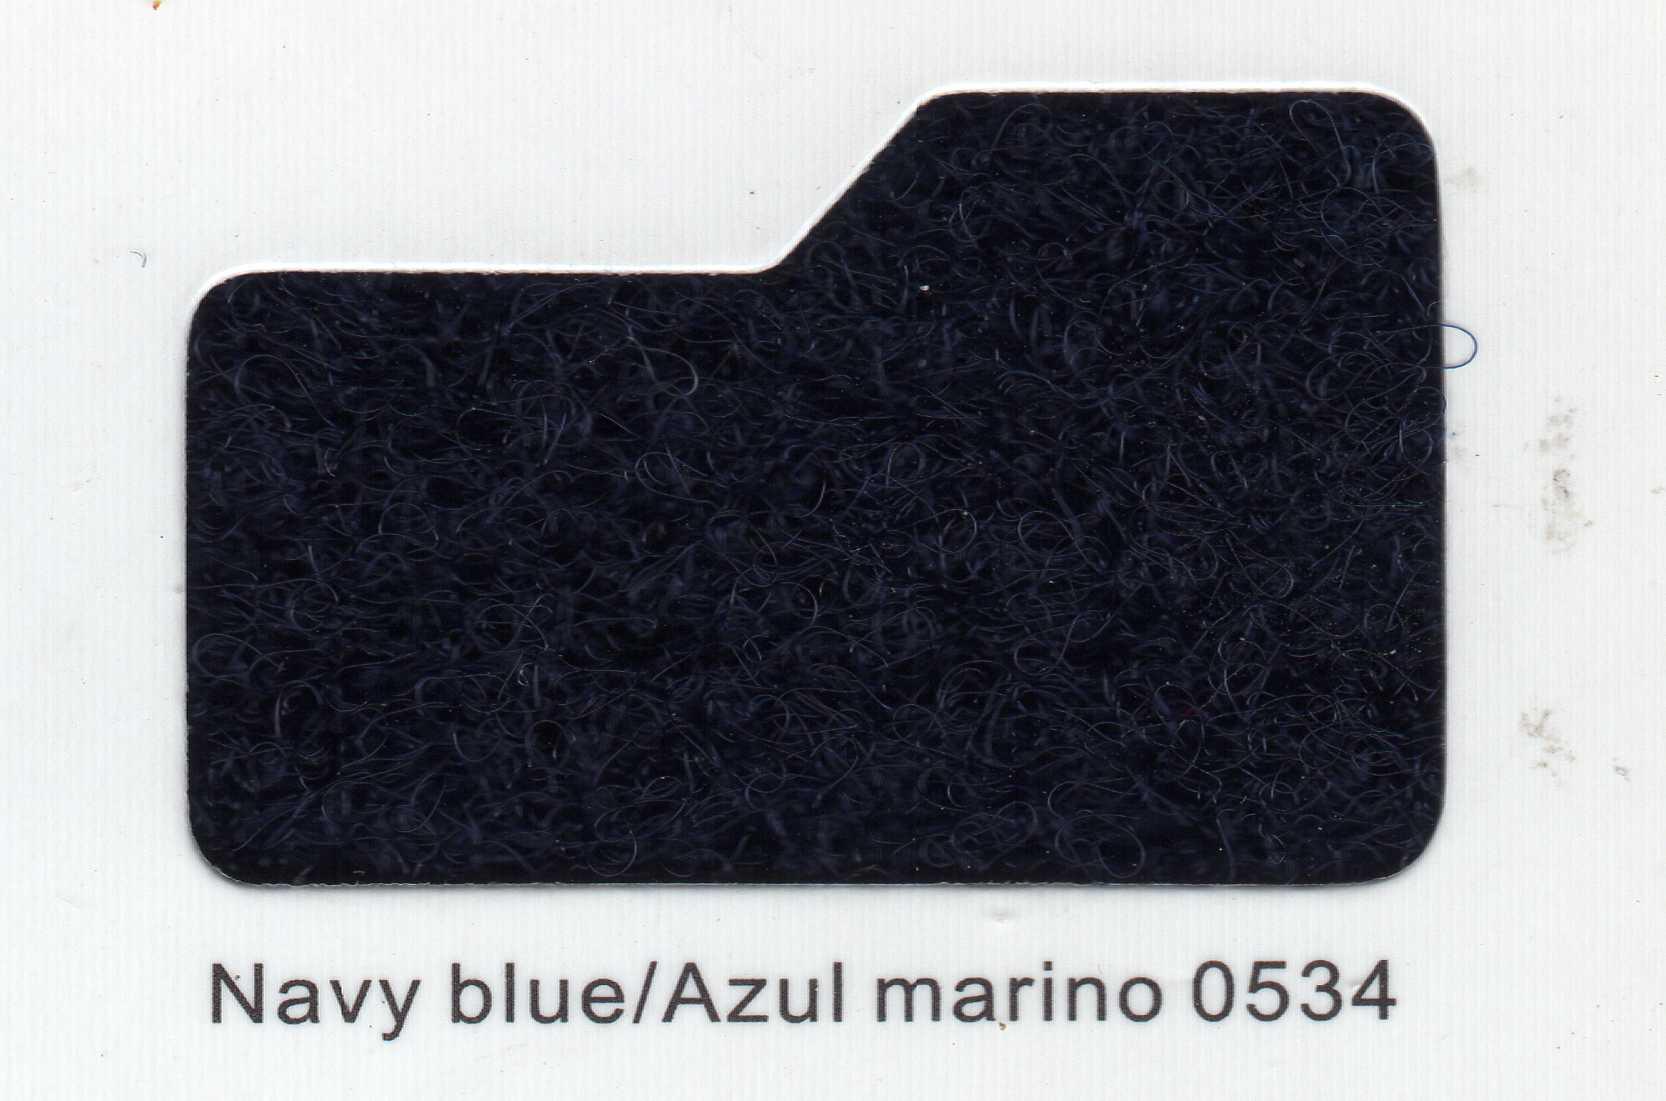 Cinta de cierre Velcro-Veraco 30mm Azul Marino 0534 (Gancho).